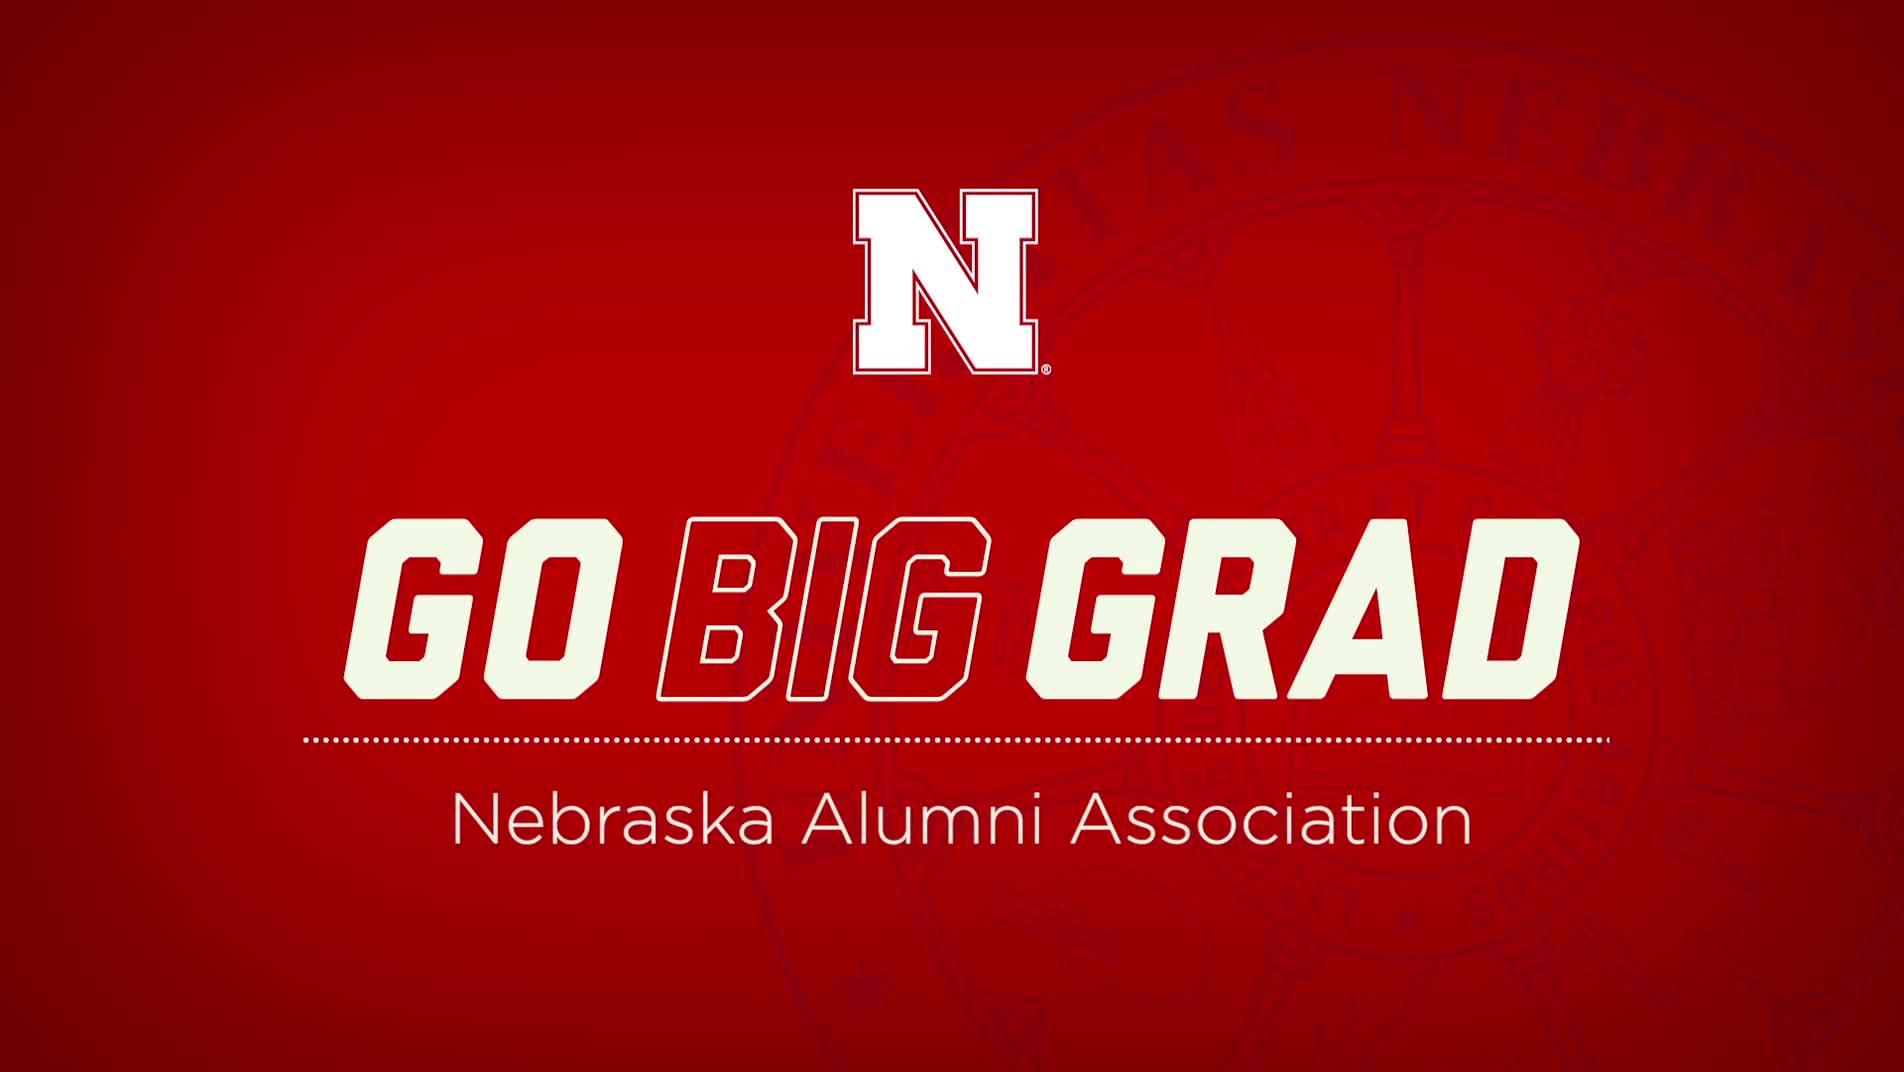 Go Big Grad   Nebraska Alumni Association   December 2020